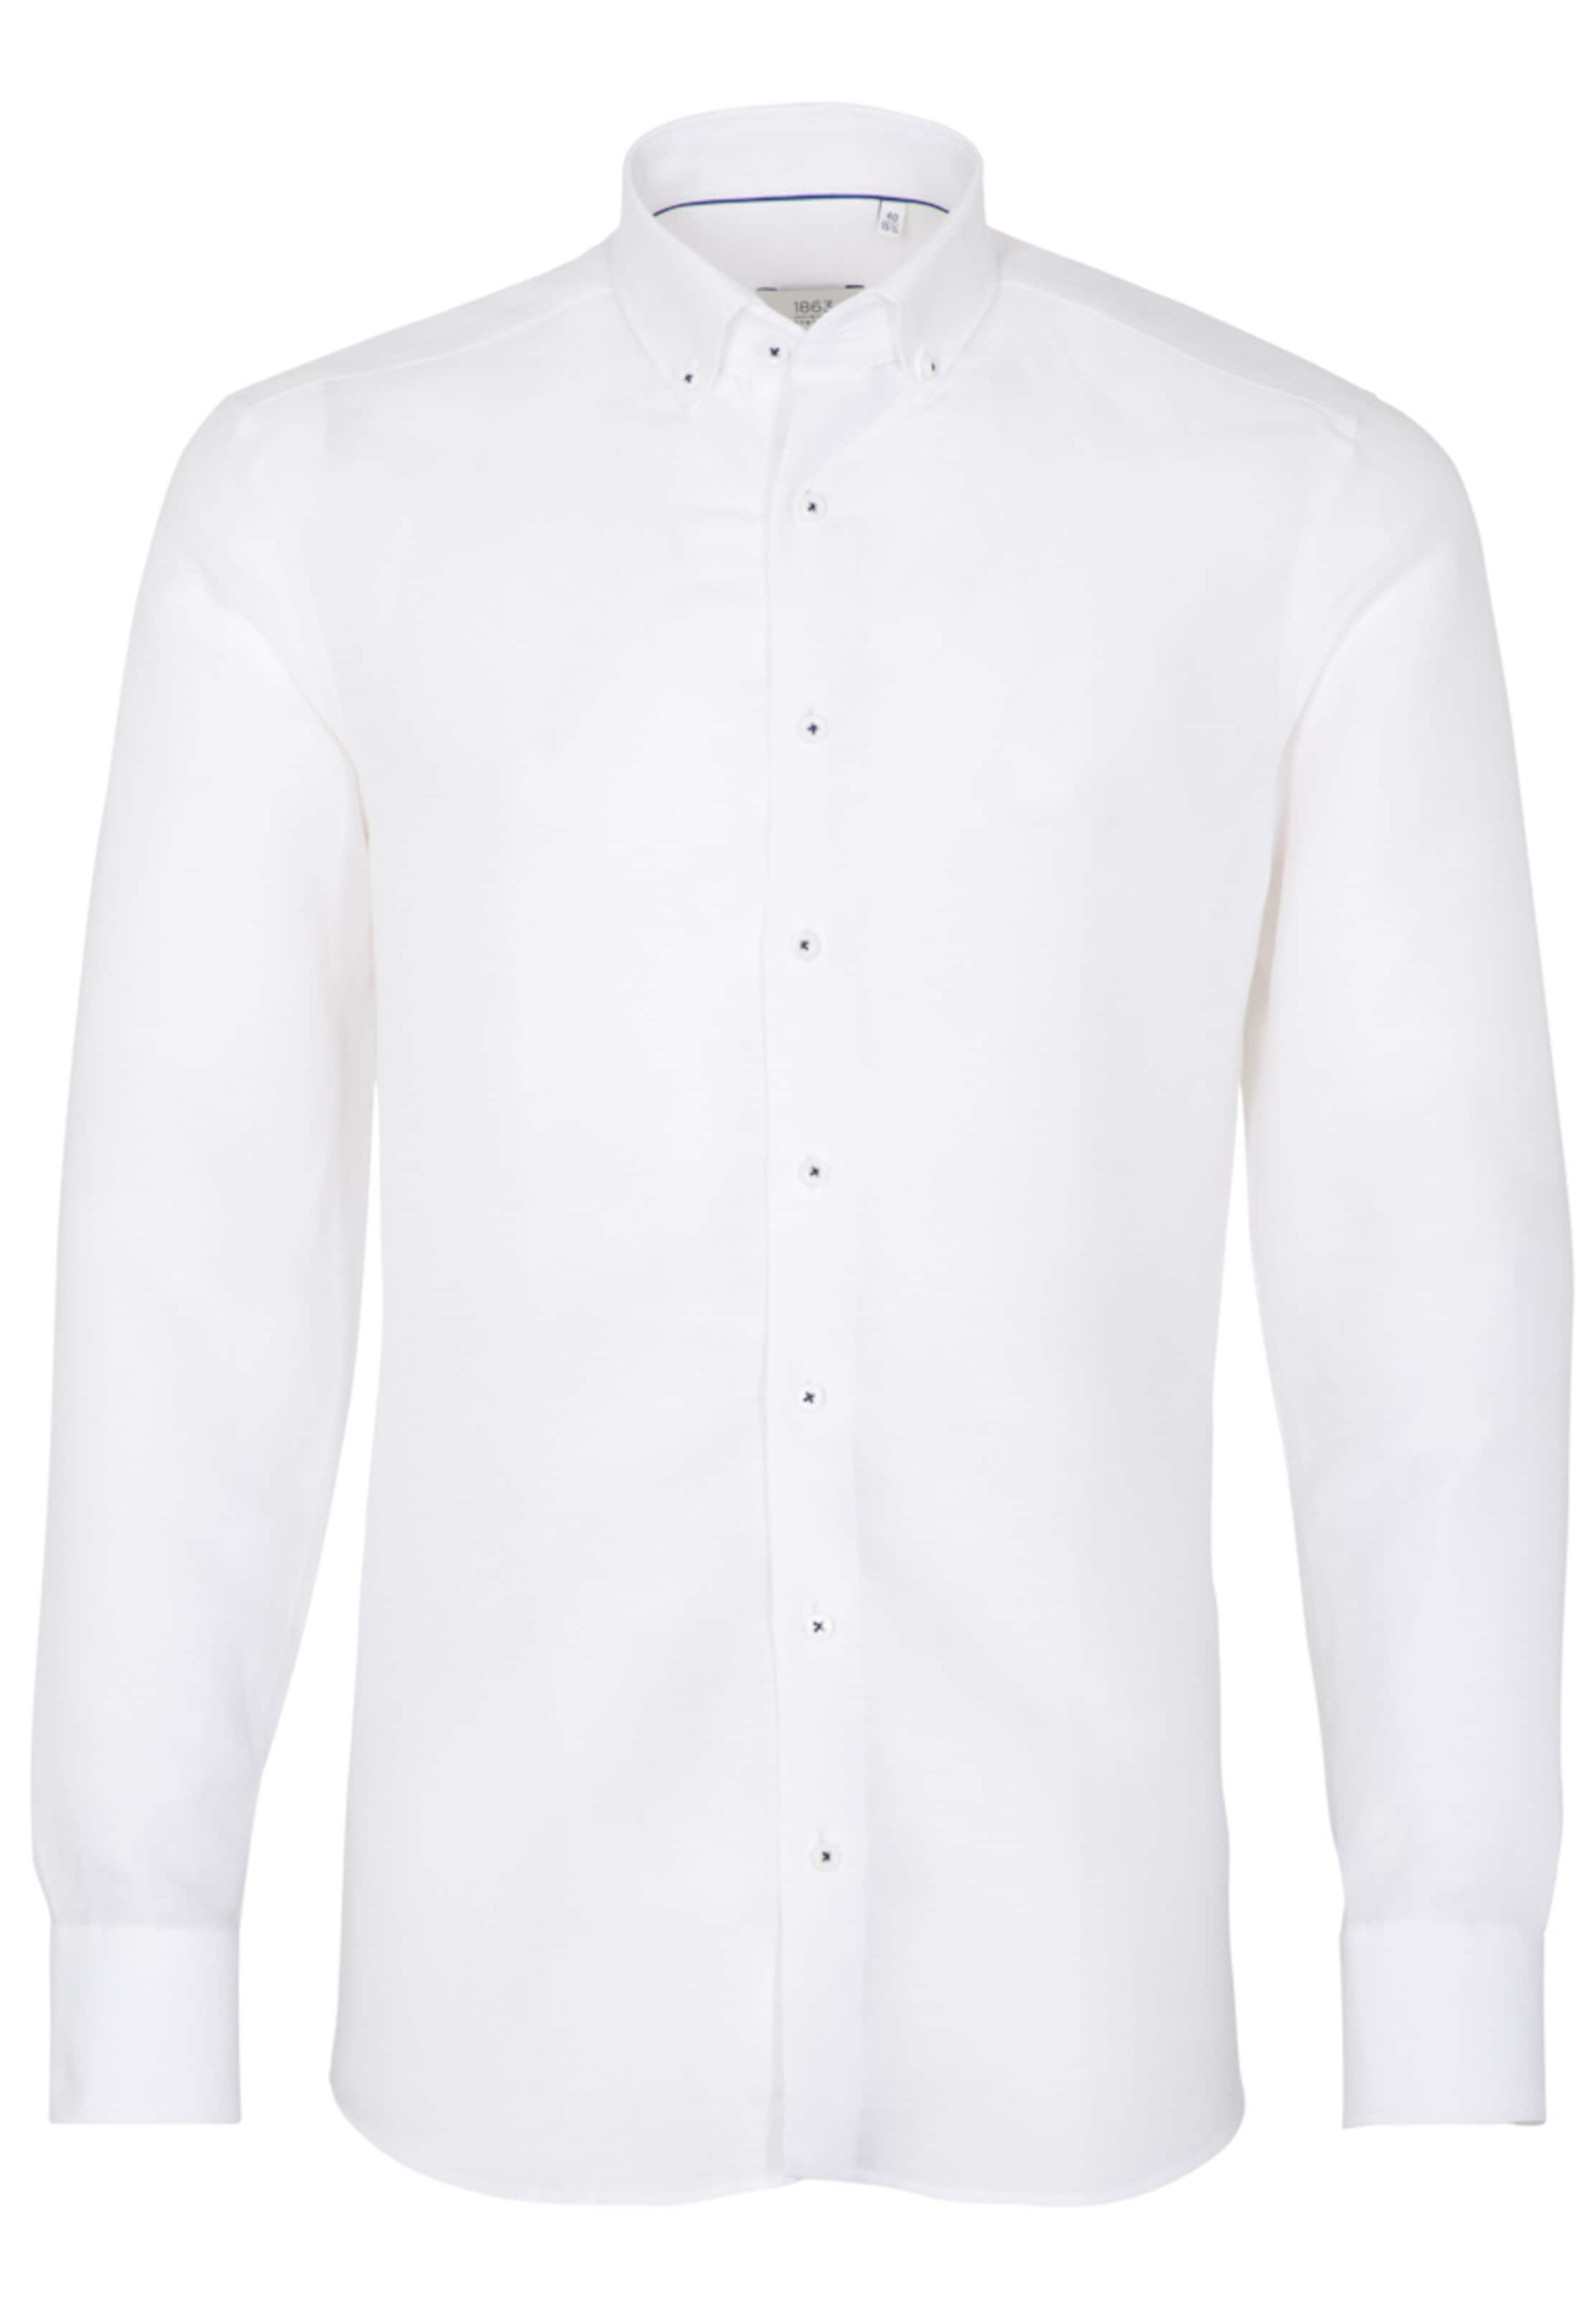 Verkauf 100% Garantiert ETERNA Langarm Hemd SLIM FIT Spielraum Niedrigen Preis Versandgebühr Günstig Kaufen 2018 Neue Spielraum Extrem uDXVc